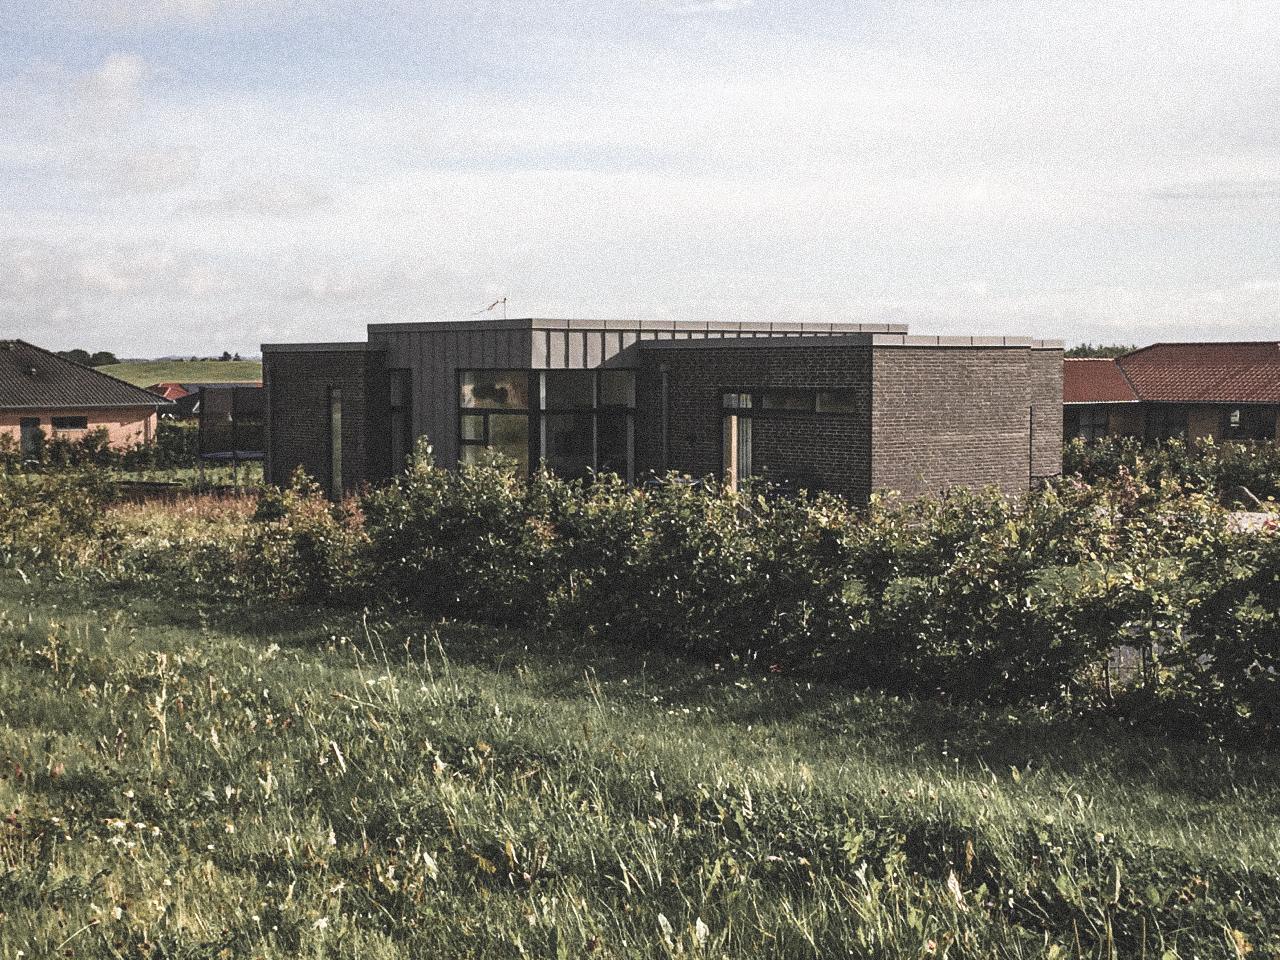 Billede af villa i Horsens efter indflytning, tegnet af arkitektfirmaet m2plus.